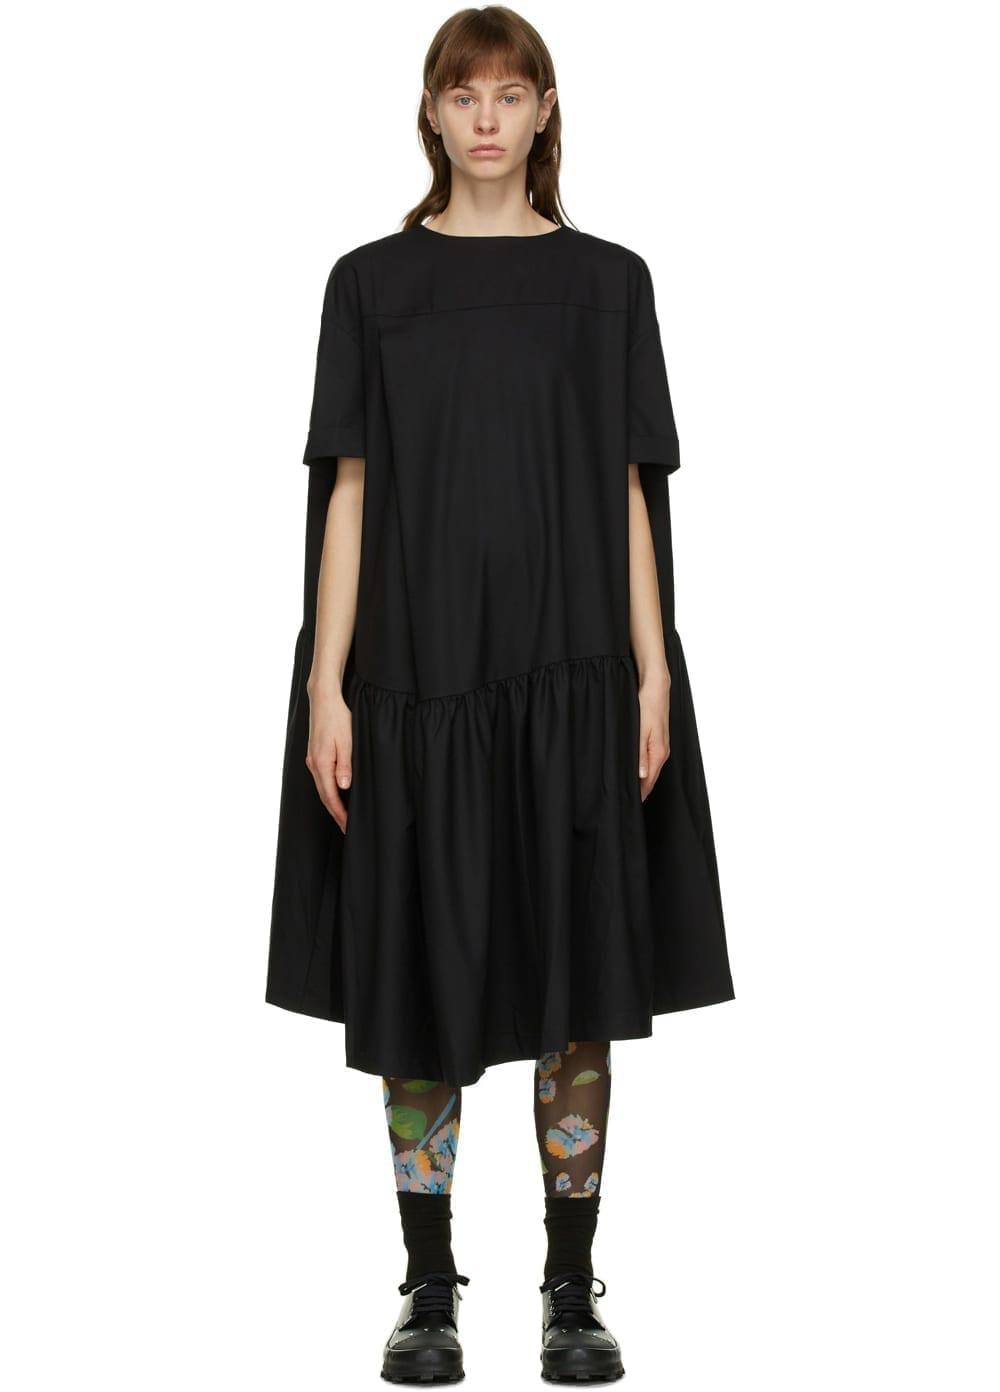 HENRIK VIBSKOV Black Bubble Dress